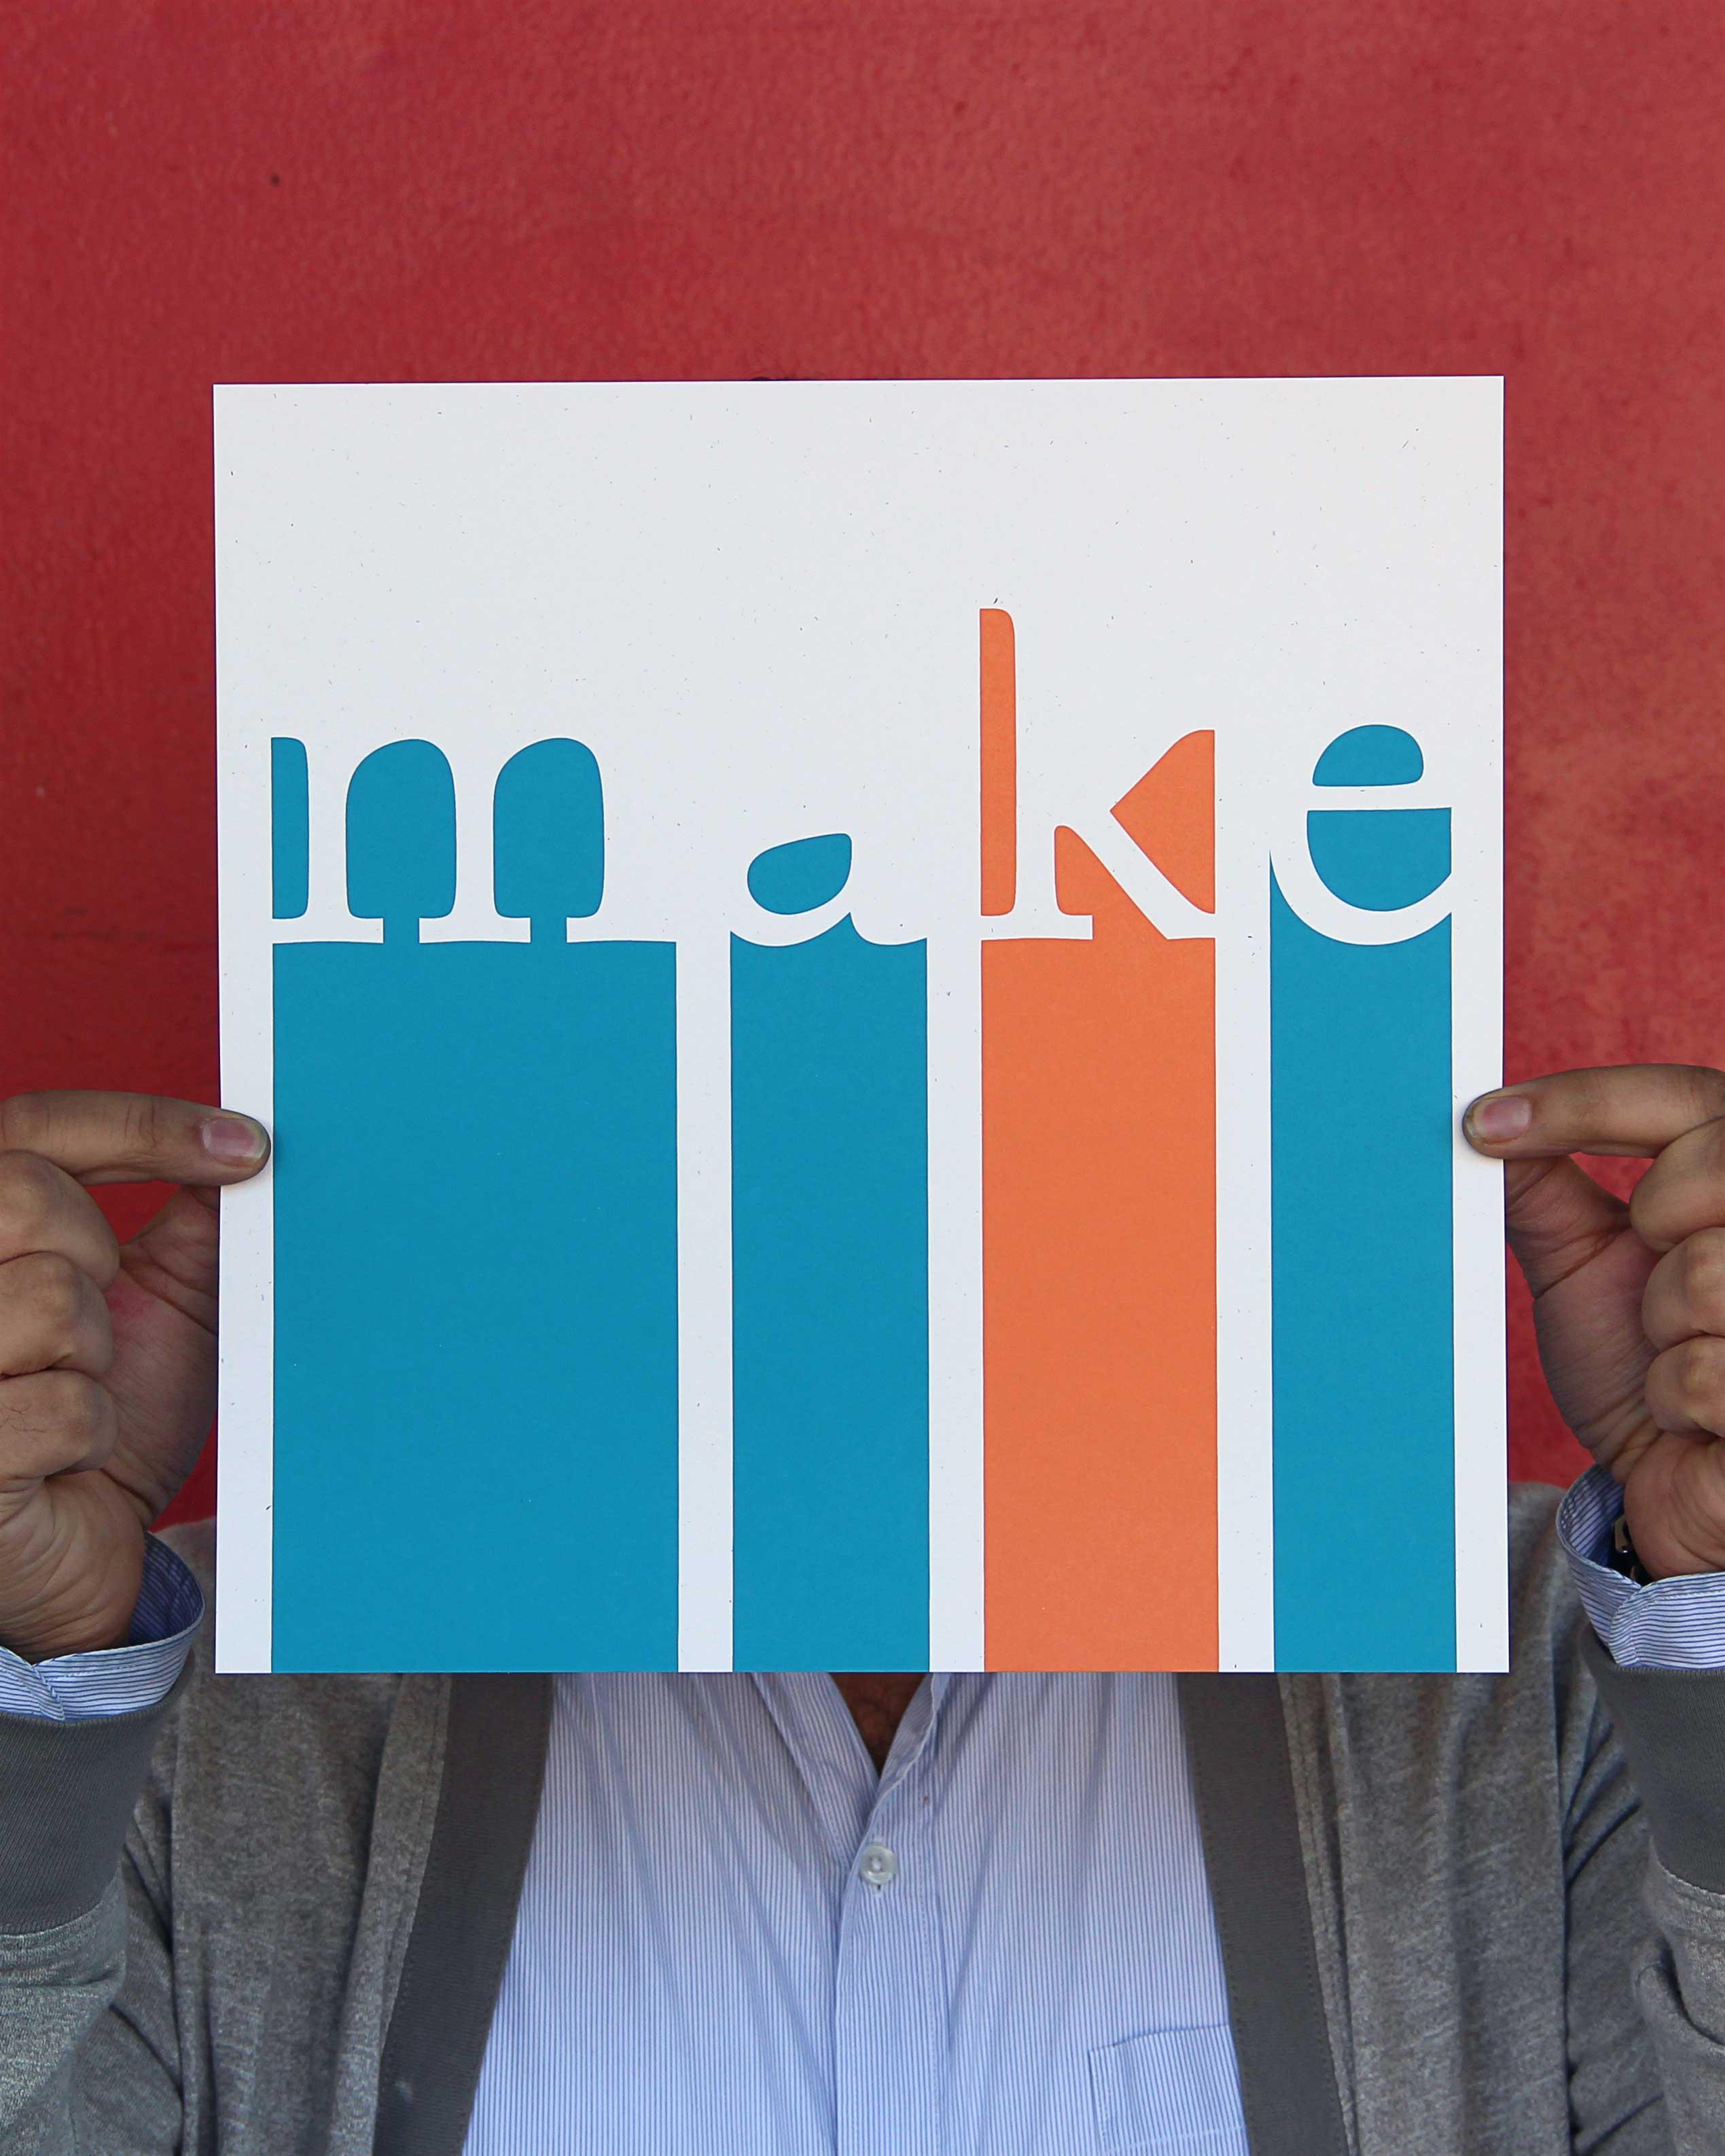 """Tanner Mardis screen printed """"Make"""